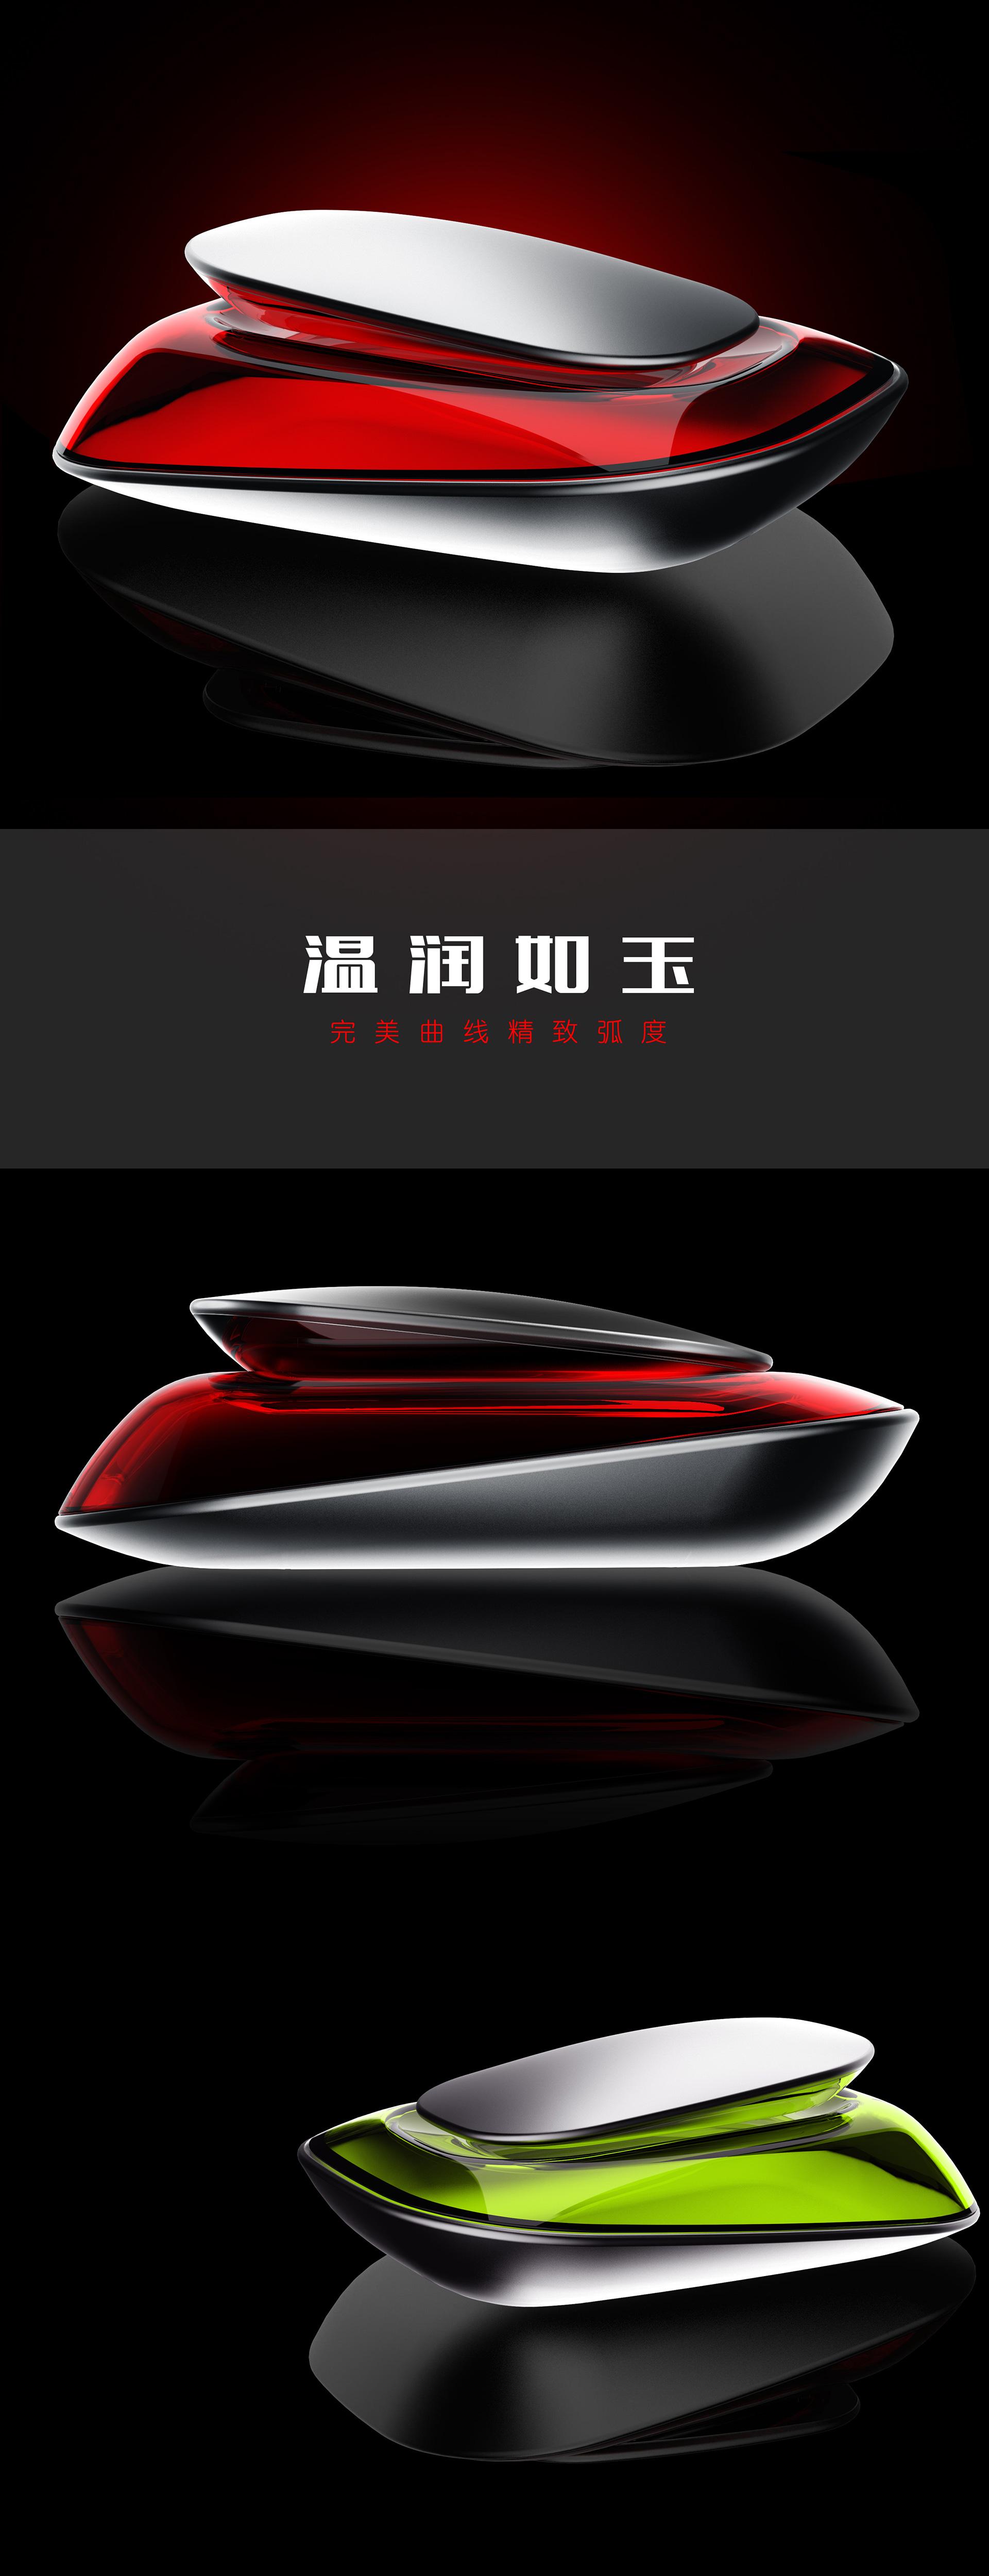 香水座工业设计2.jpg